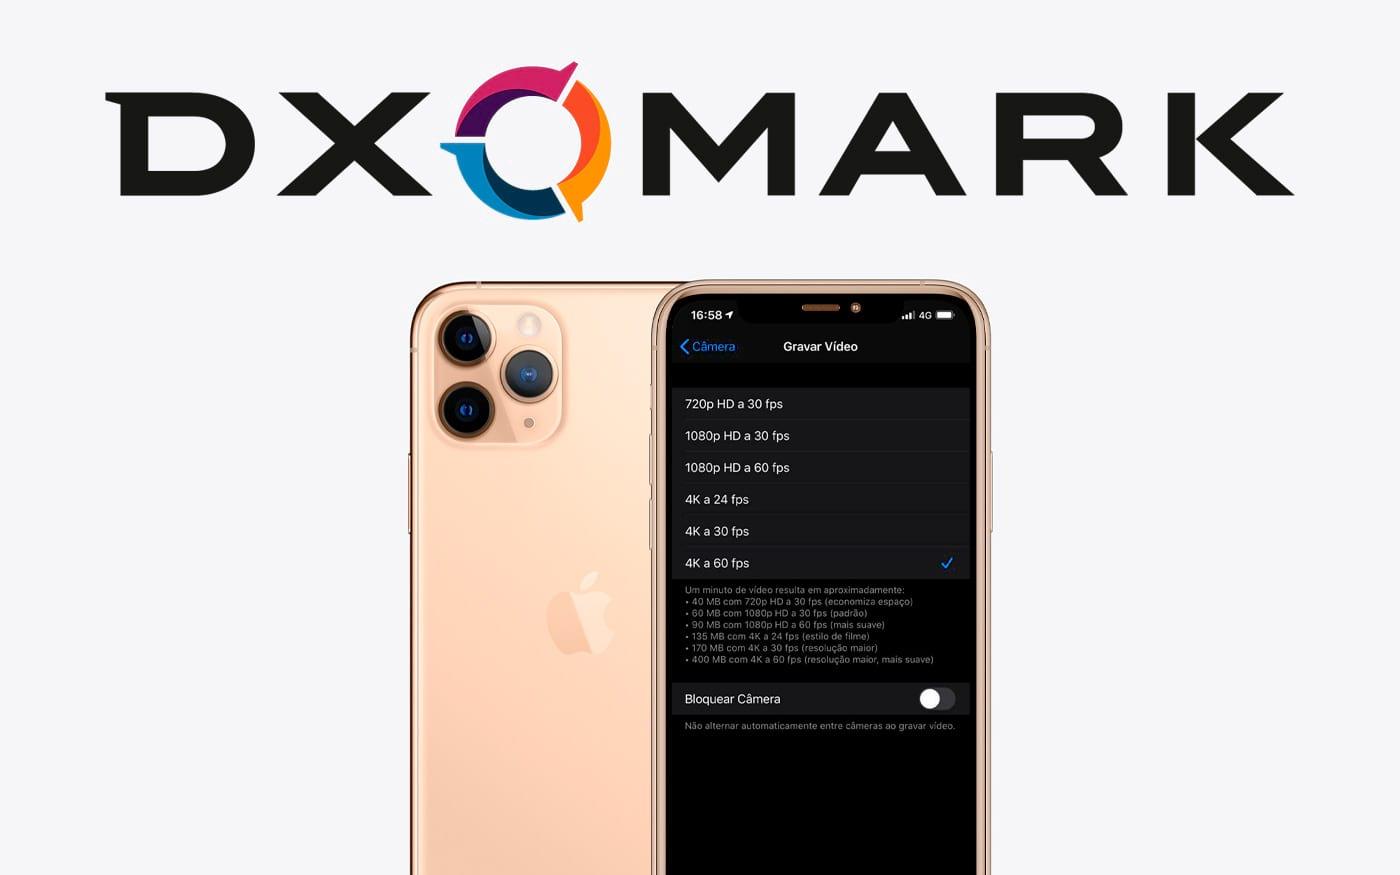 DxOMark agora usa a máxima qualidade de vídeo em seus testes de smartphones